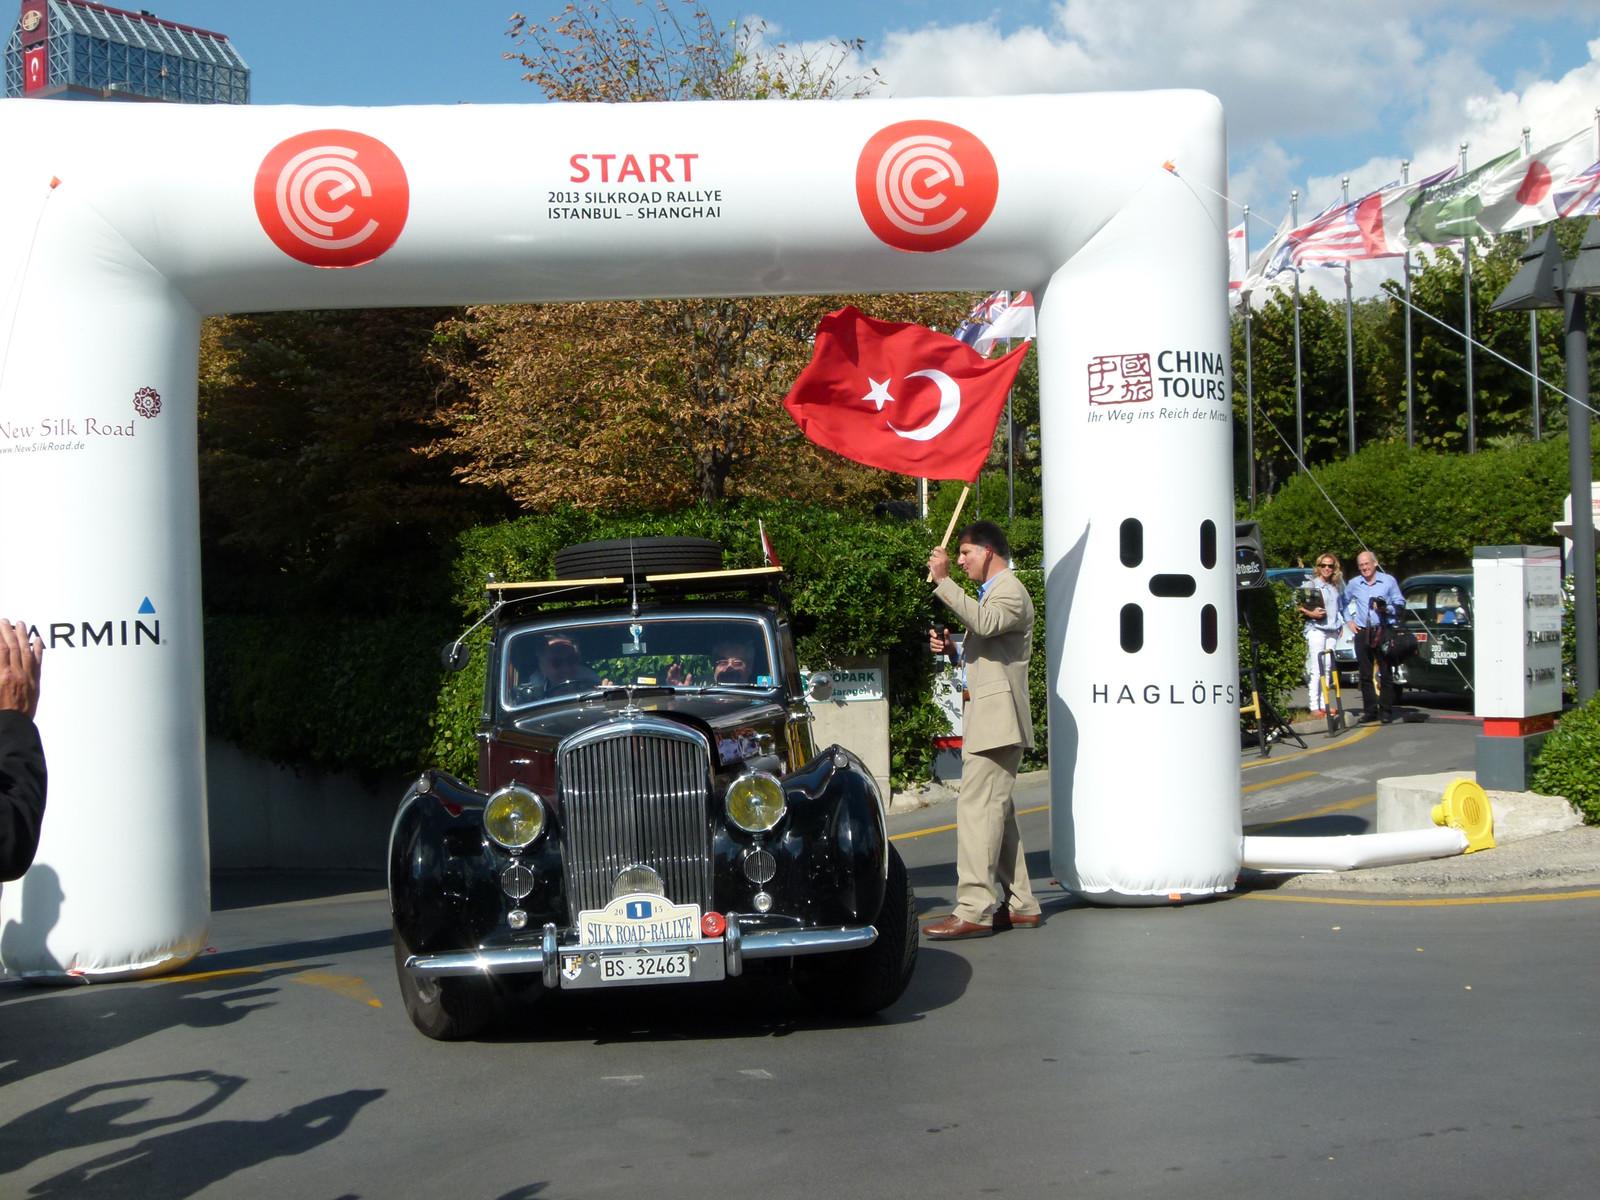 Silkroad Rallye Istanbul - Shanghai 2013